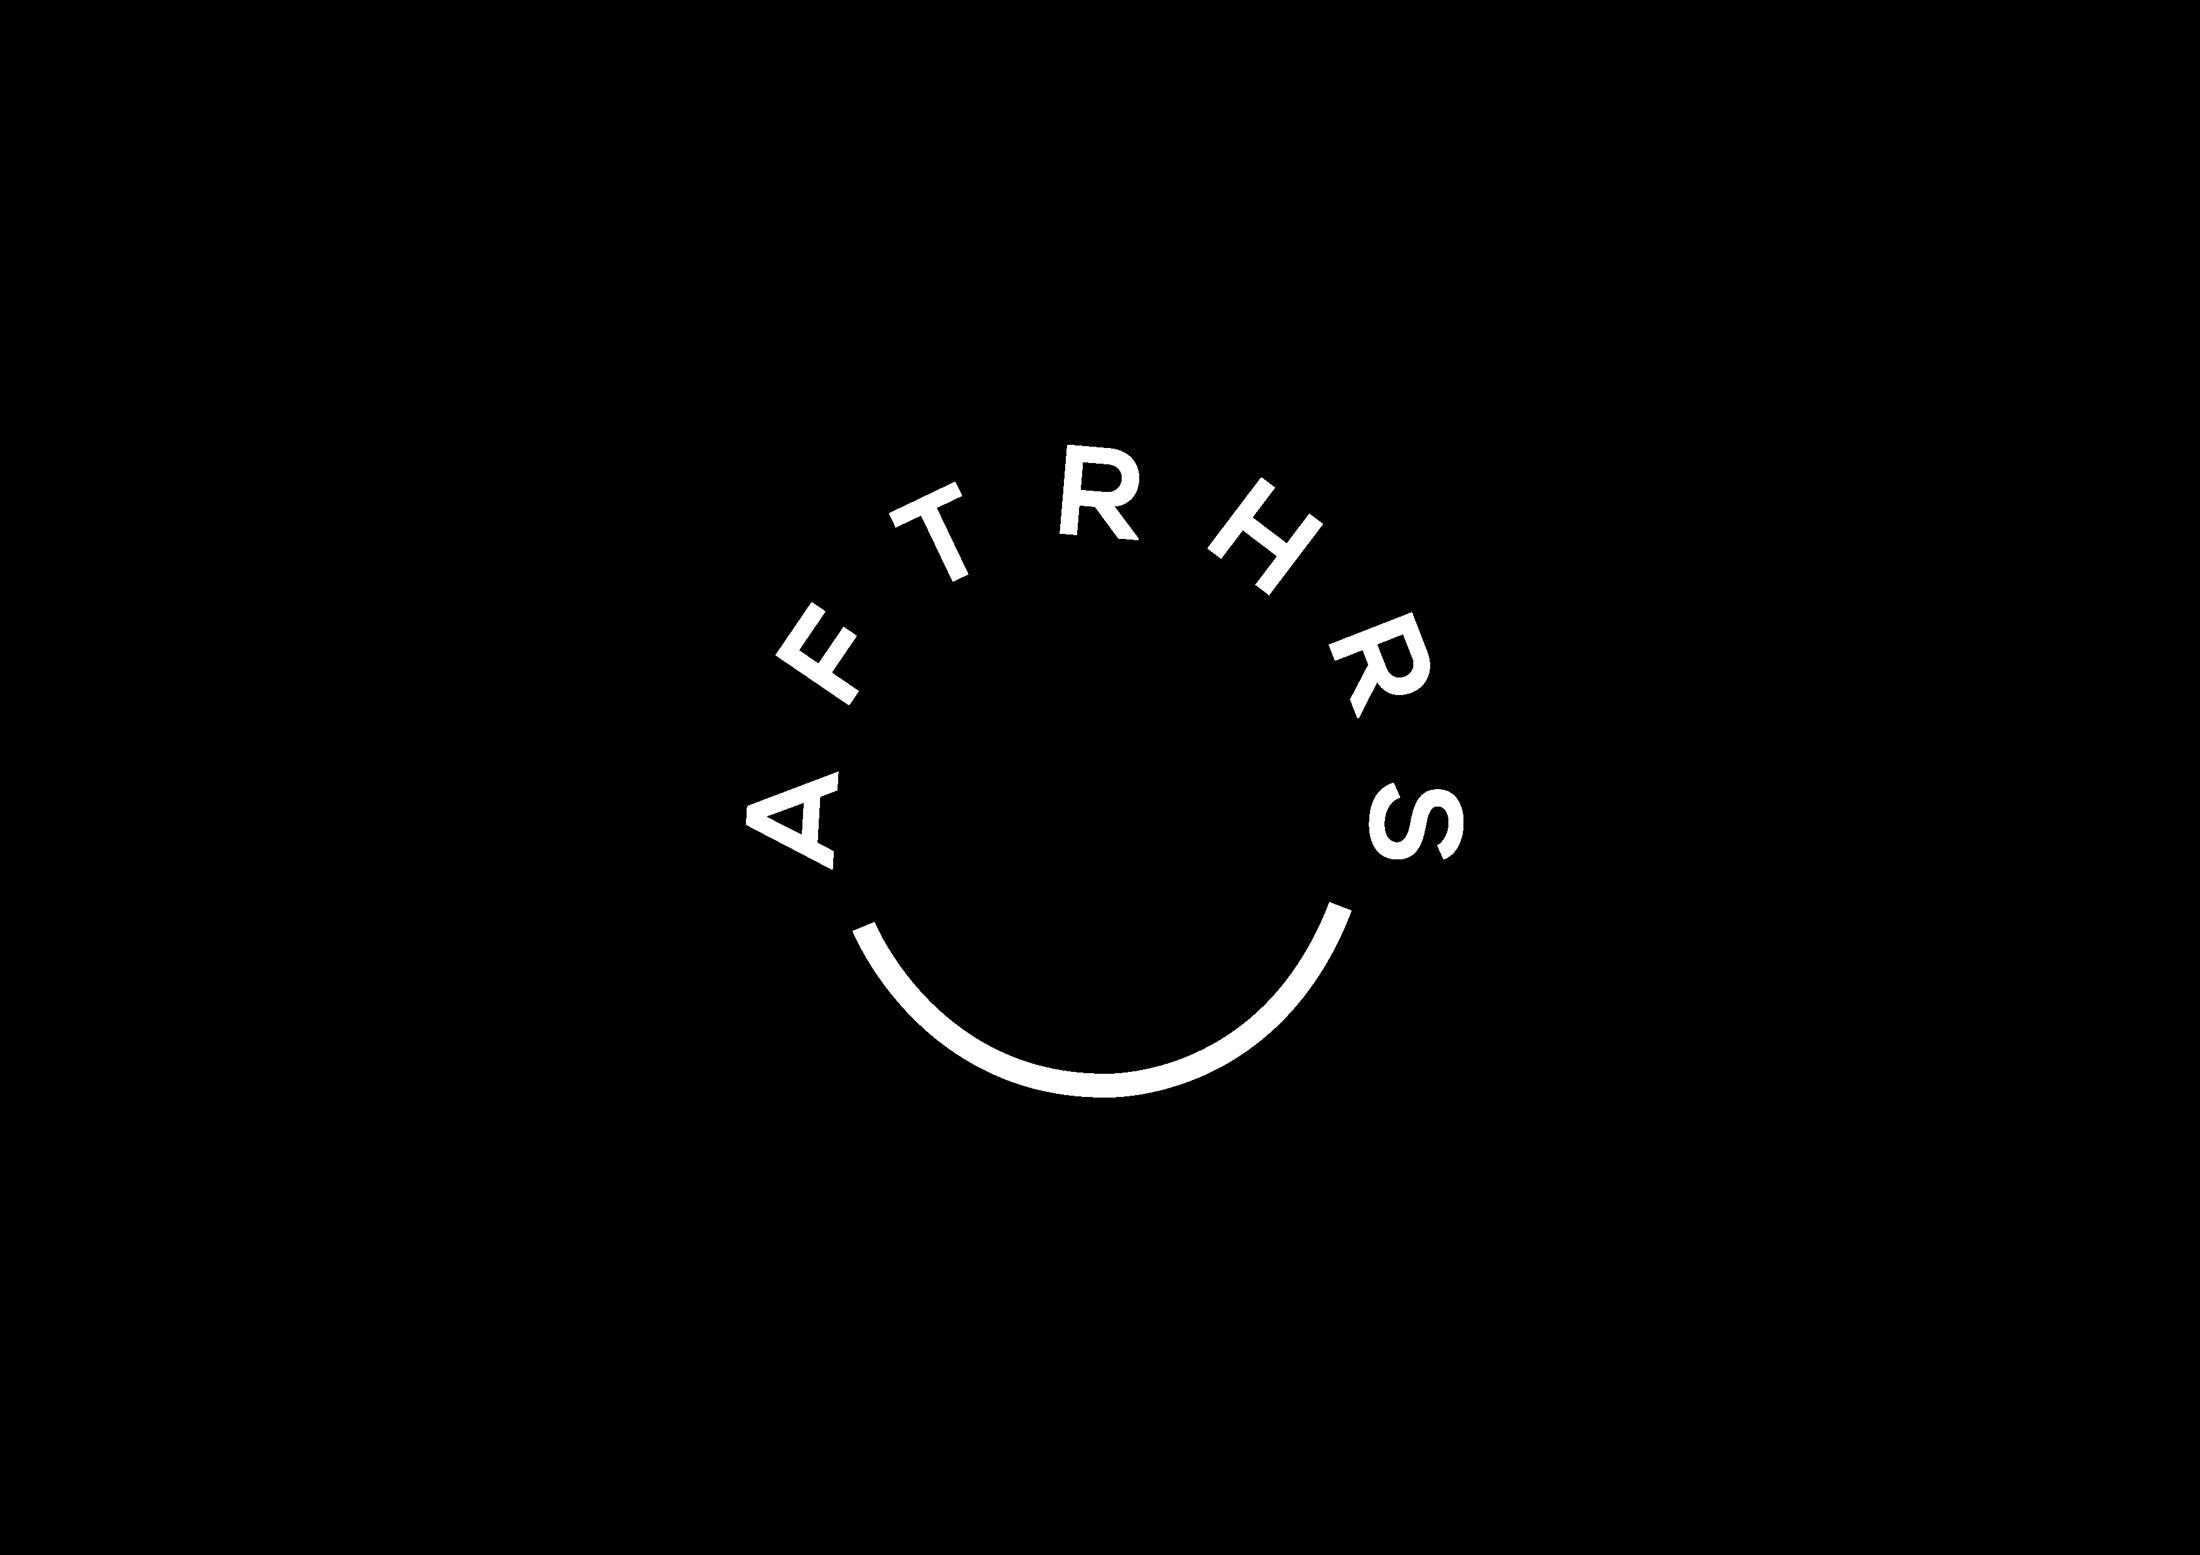 afthrs-logo-nikolas-wrobel